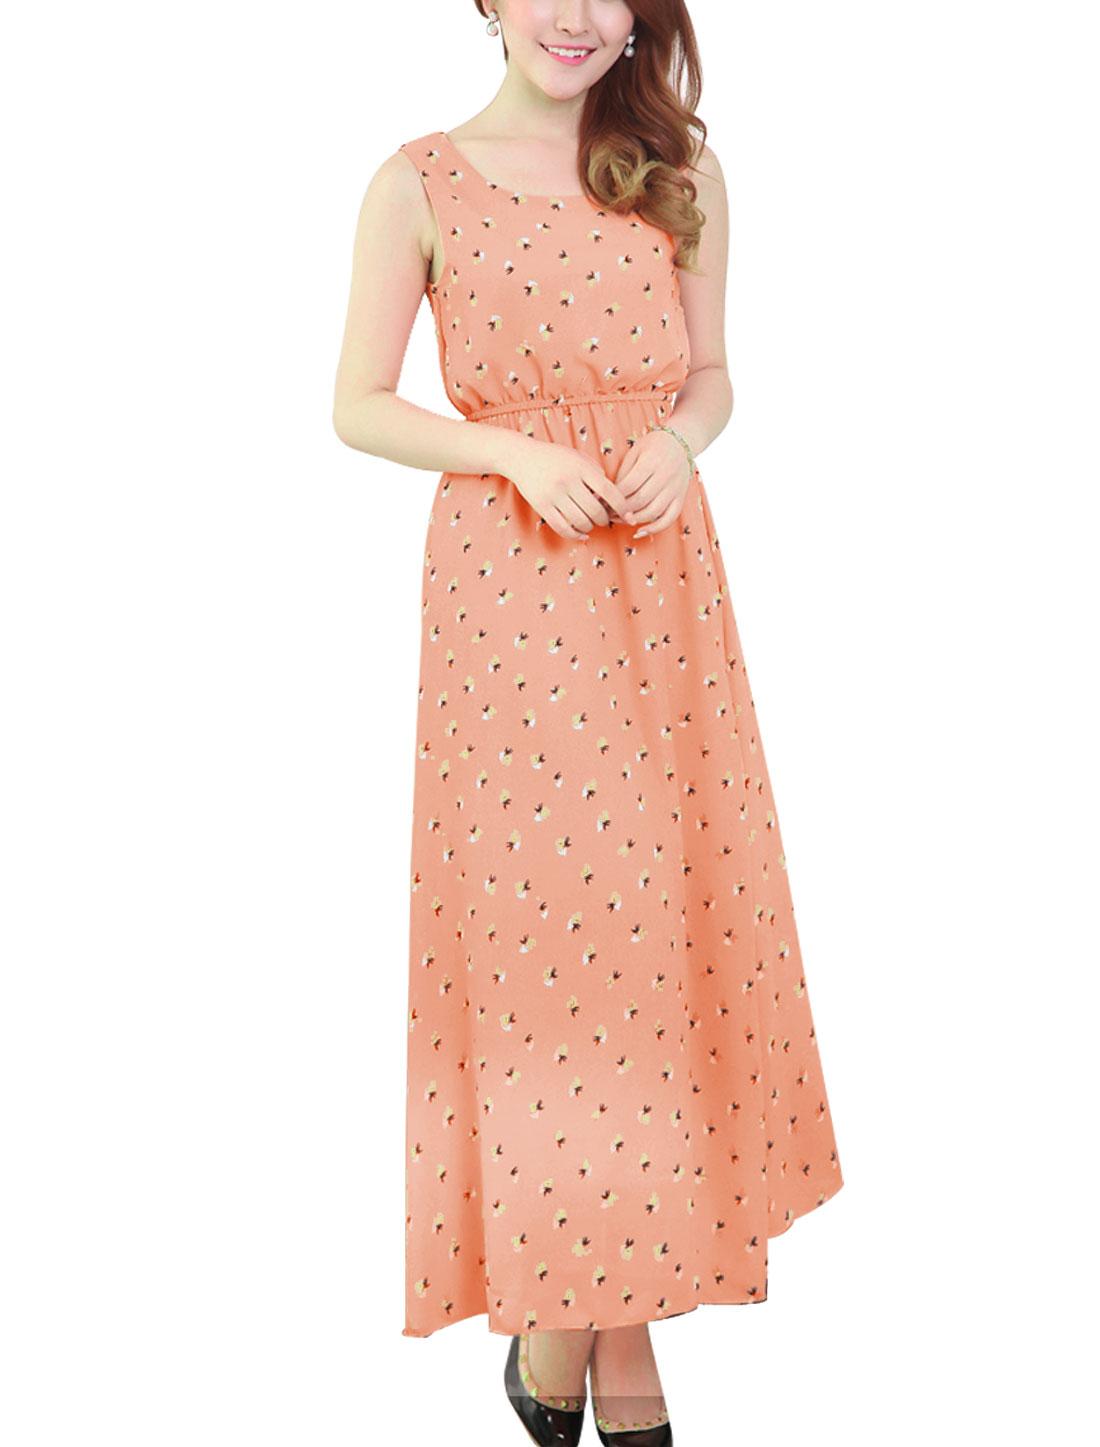 Lady Crochet Panel Sleeveless Full-Length Chiffon Blouson Dress Salmon XS